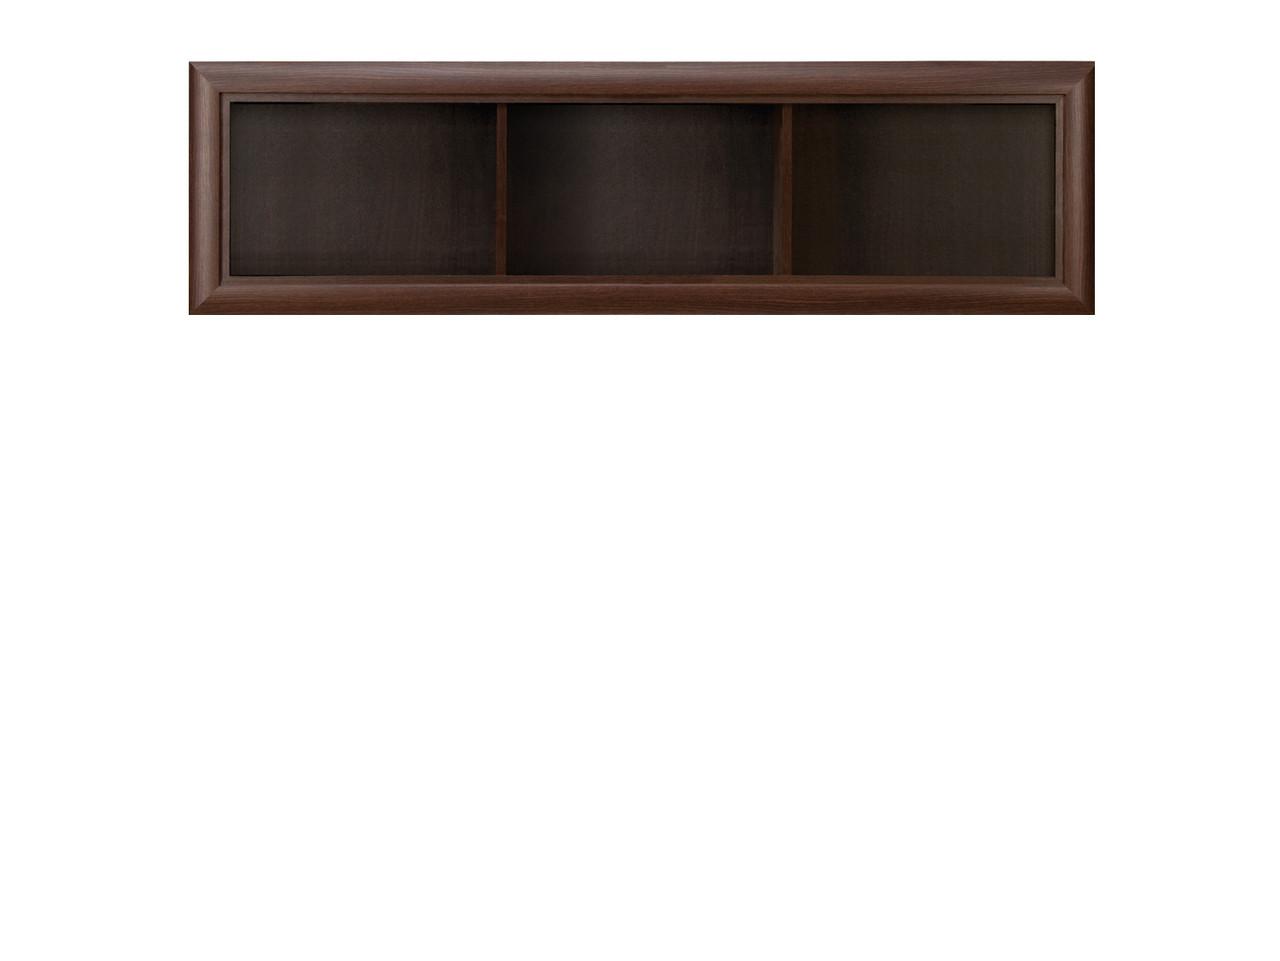 Шкаф для книг навесной 1Д , коллекции Коен, Венге Магия, БРВ Брест (Беларусь)